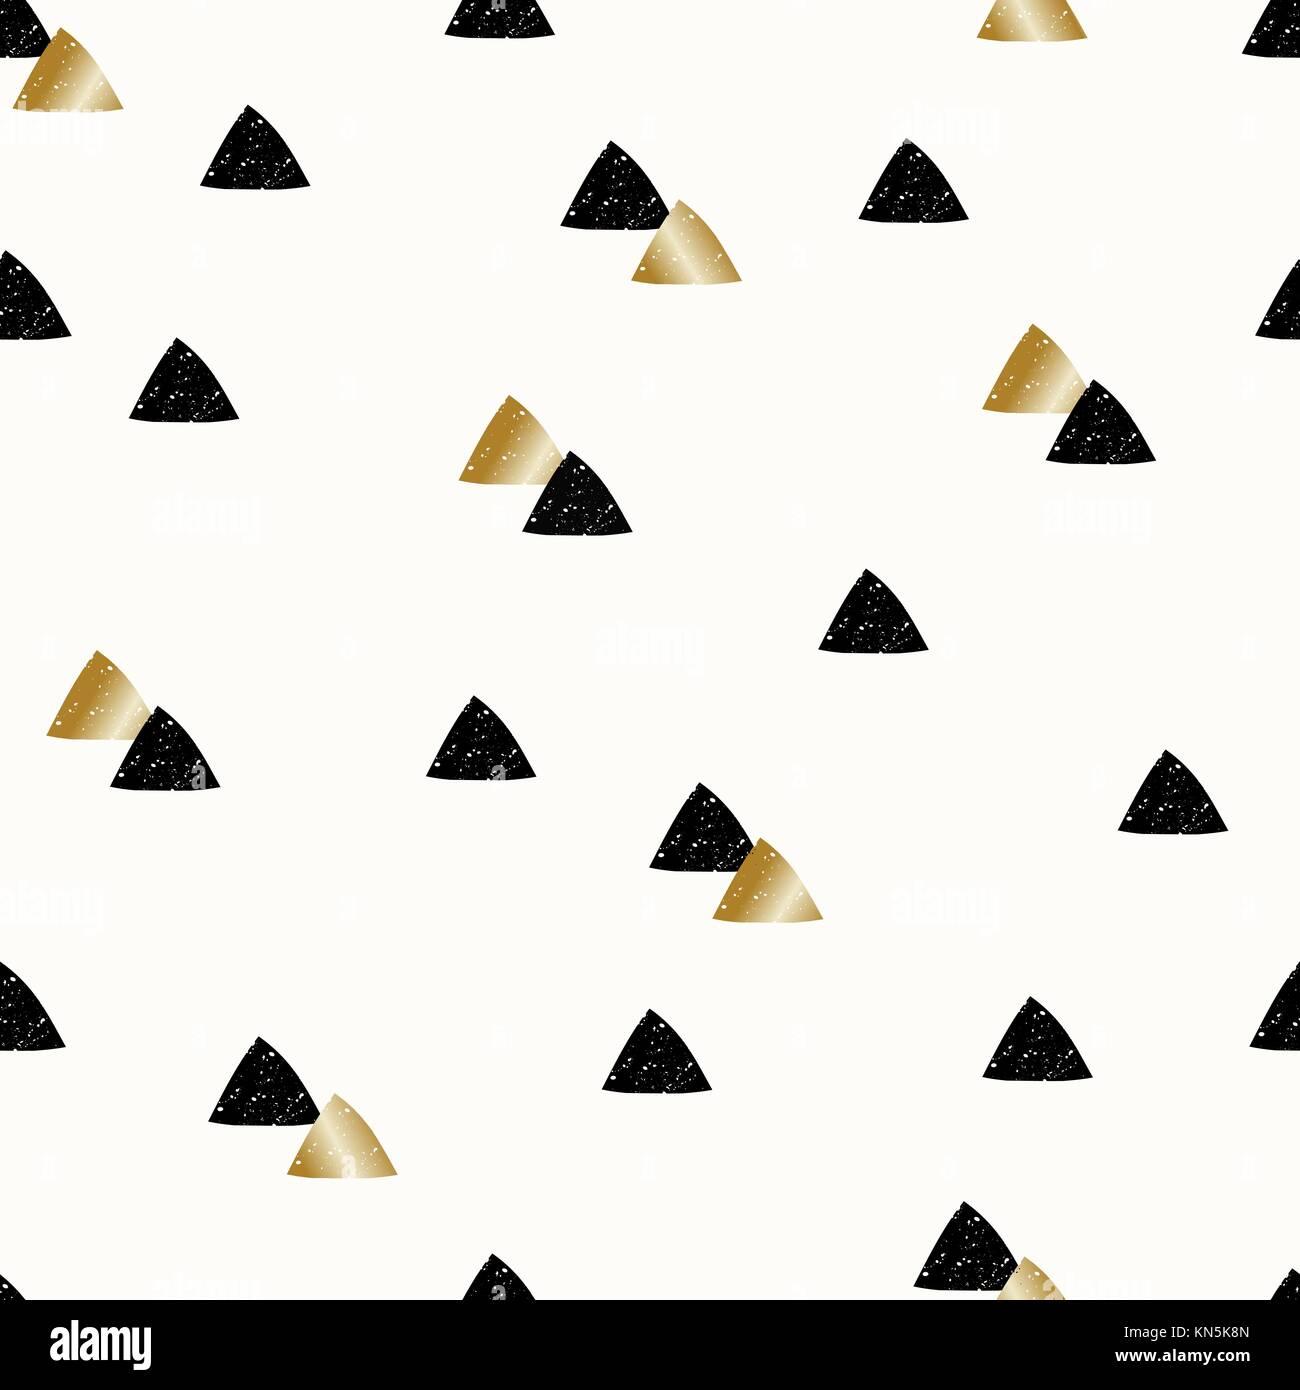 Un Motif Repetitif Avec Des Formes Triangle En Noir Et Or Sur Fond